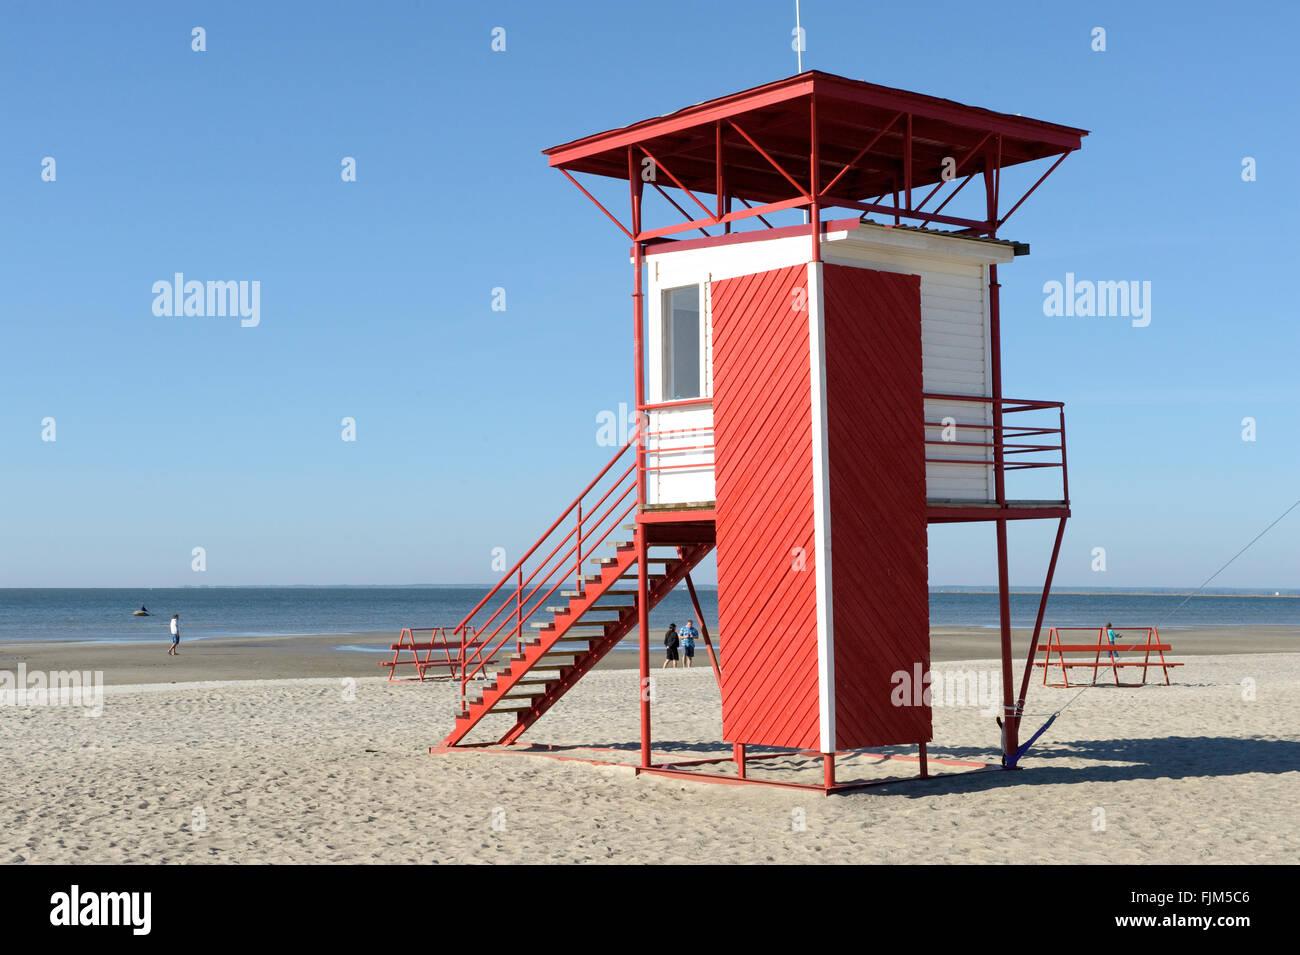 Geografía / viajes, Estonia, Pärnu, playas, outlook para socorristas, Vista exterior, Additional-Rights Imagen De Stock